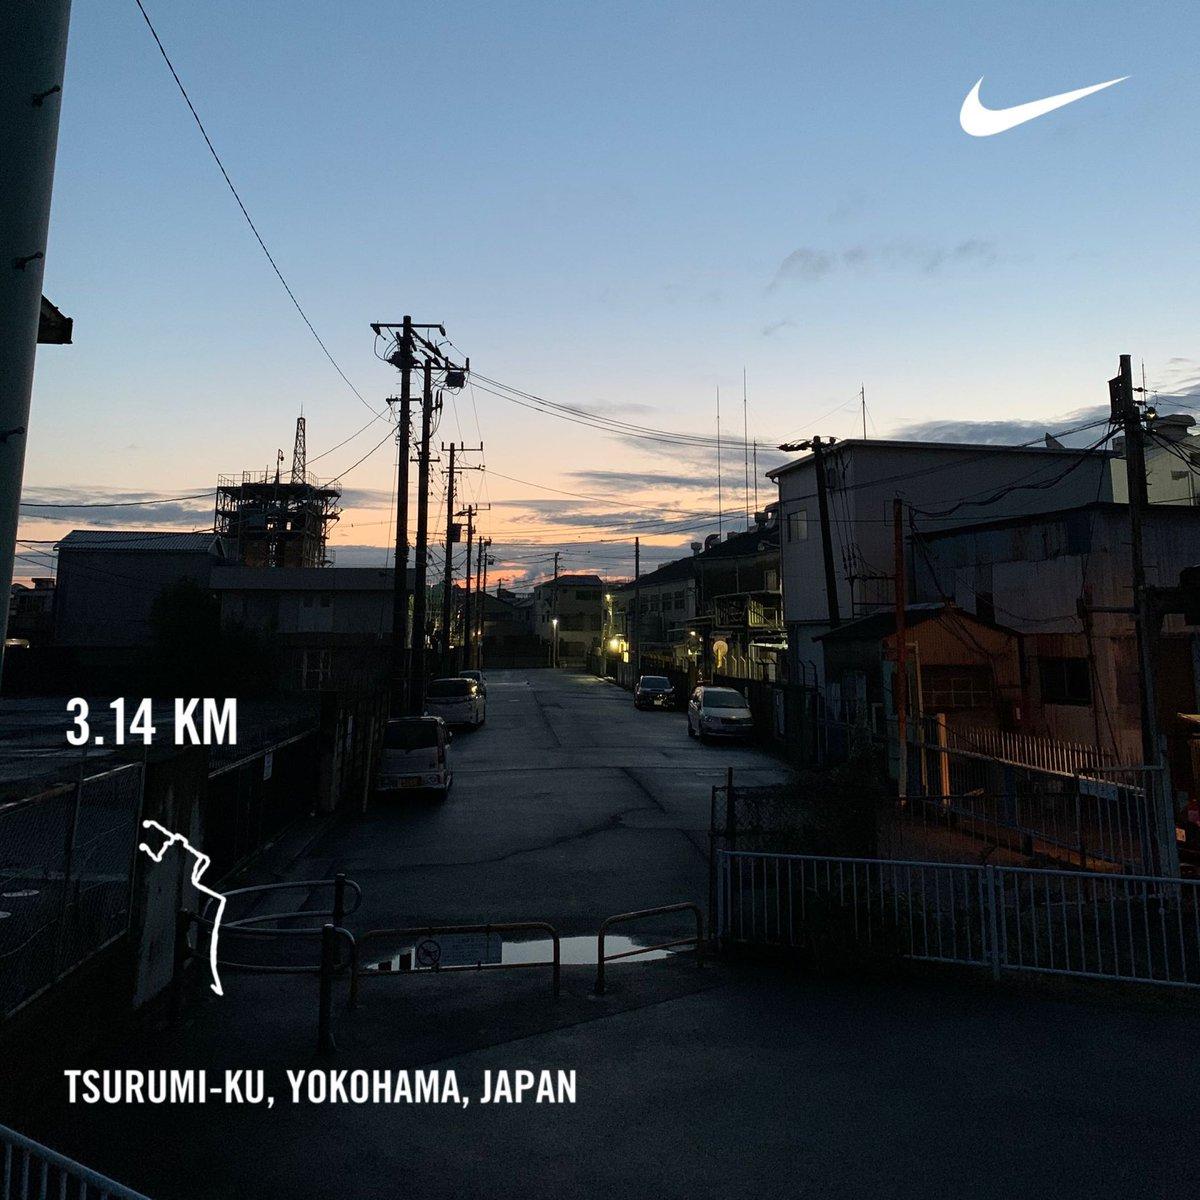 Monday morning run  #nikerunclub #nikerunning #run #running #jogging #nikeplus #tsurumi #yokohama #japan #morning #morningrun #🏃♂️